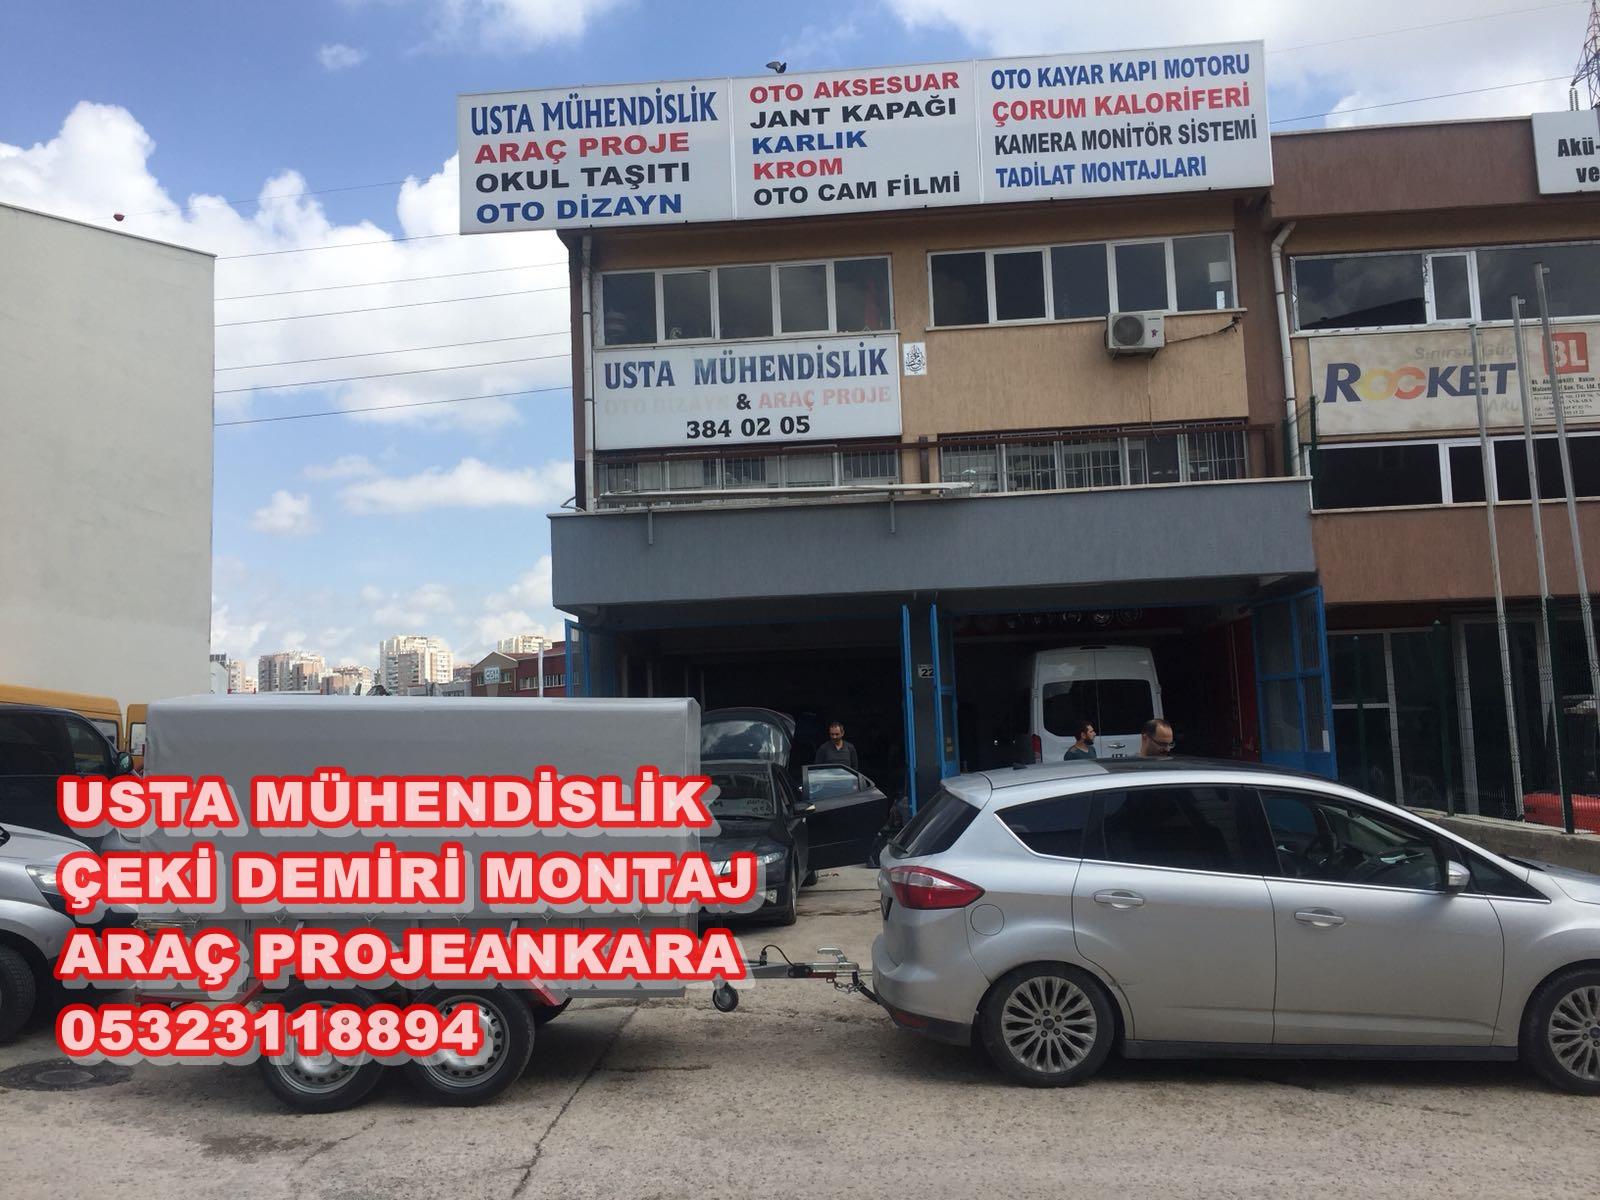 USTA MÜHENDİSLİK ARAÇ PROJE +OTO DİZAYN FİRMASI ANKARA